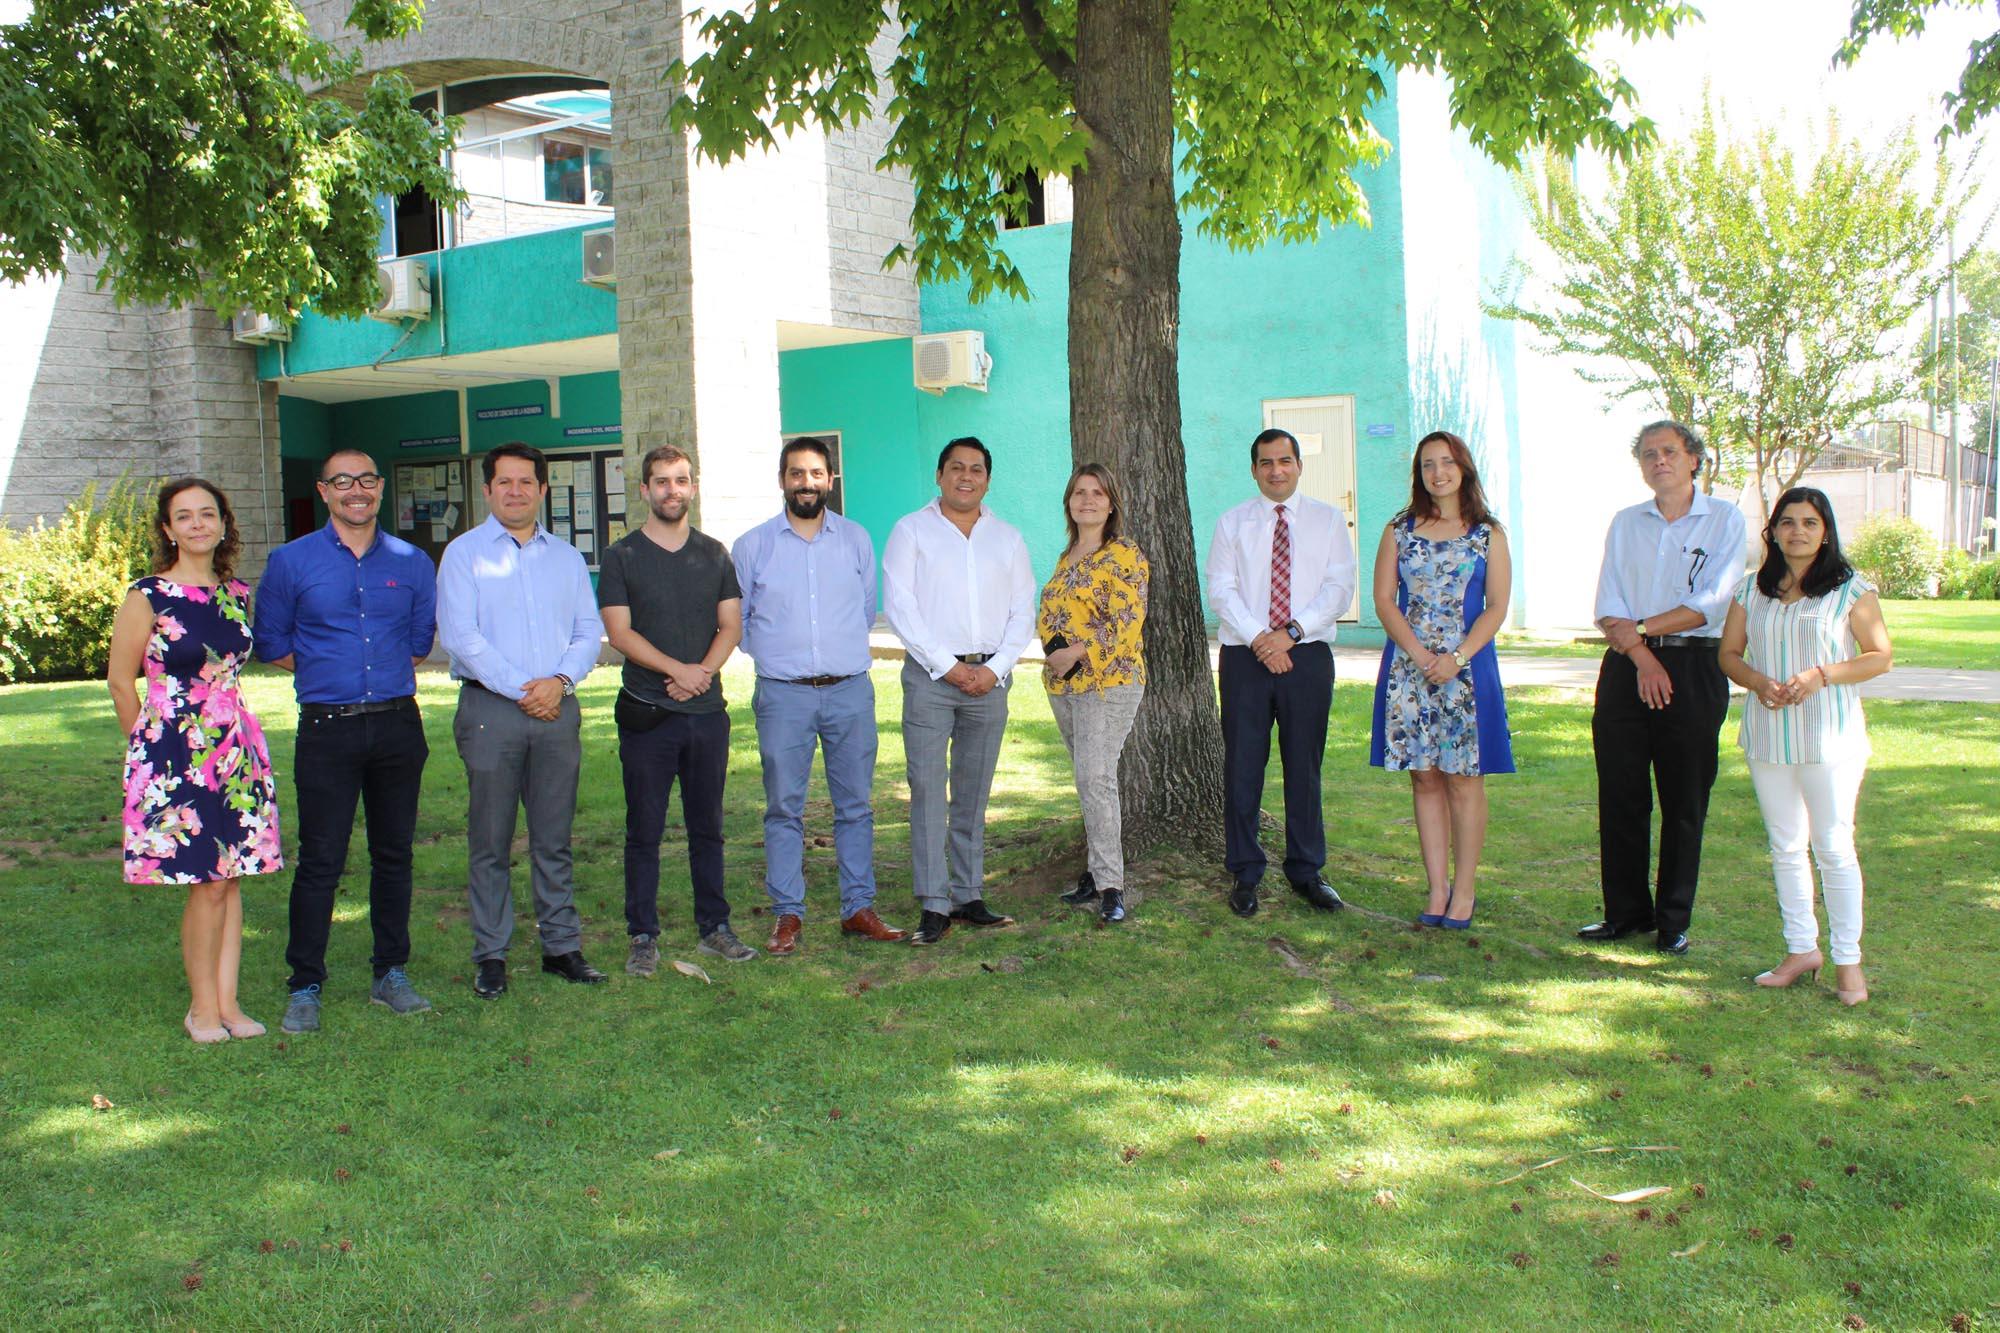 Importantes colaboraciones proyectan la FALP y el Centro Oncológico de la UCM